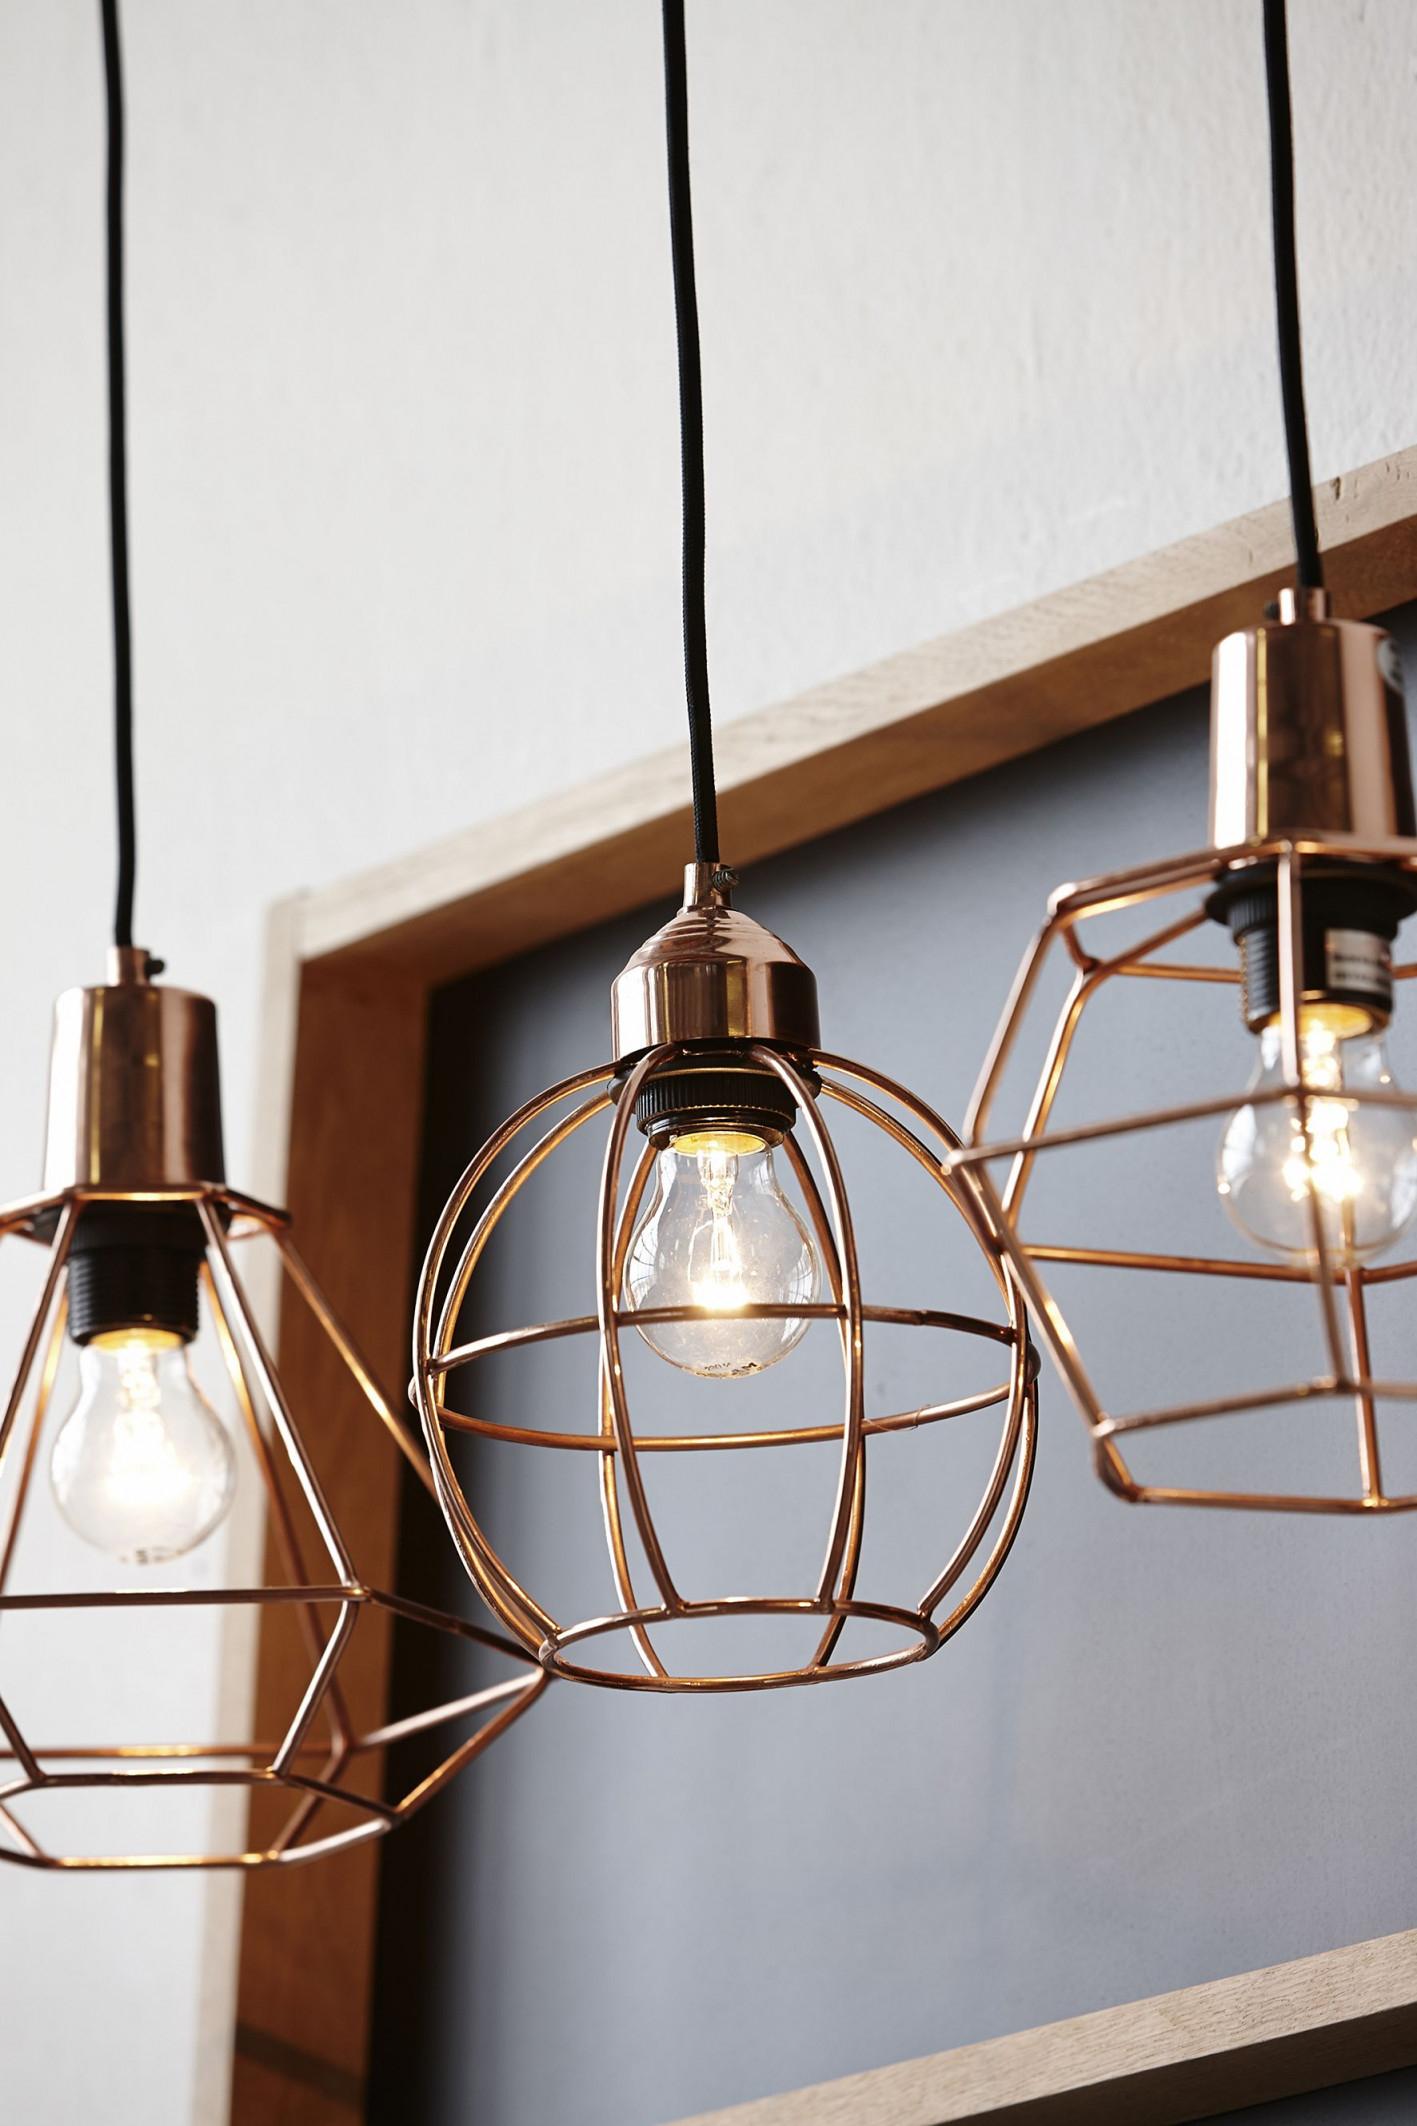 Kupferlampe  Lampe Kupferlampe Beleuchtungsideen von Kupfer Lampe Wohnzimmer Photo